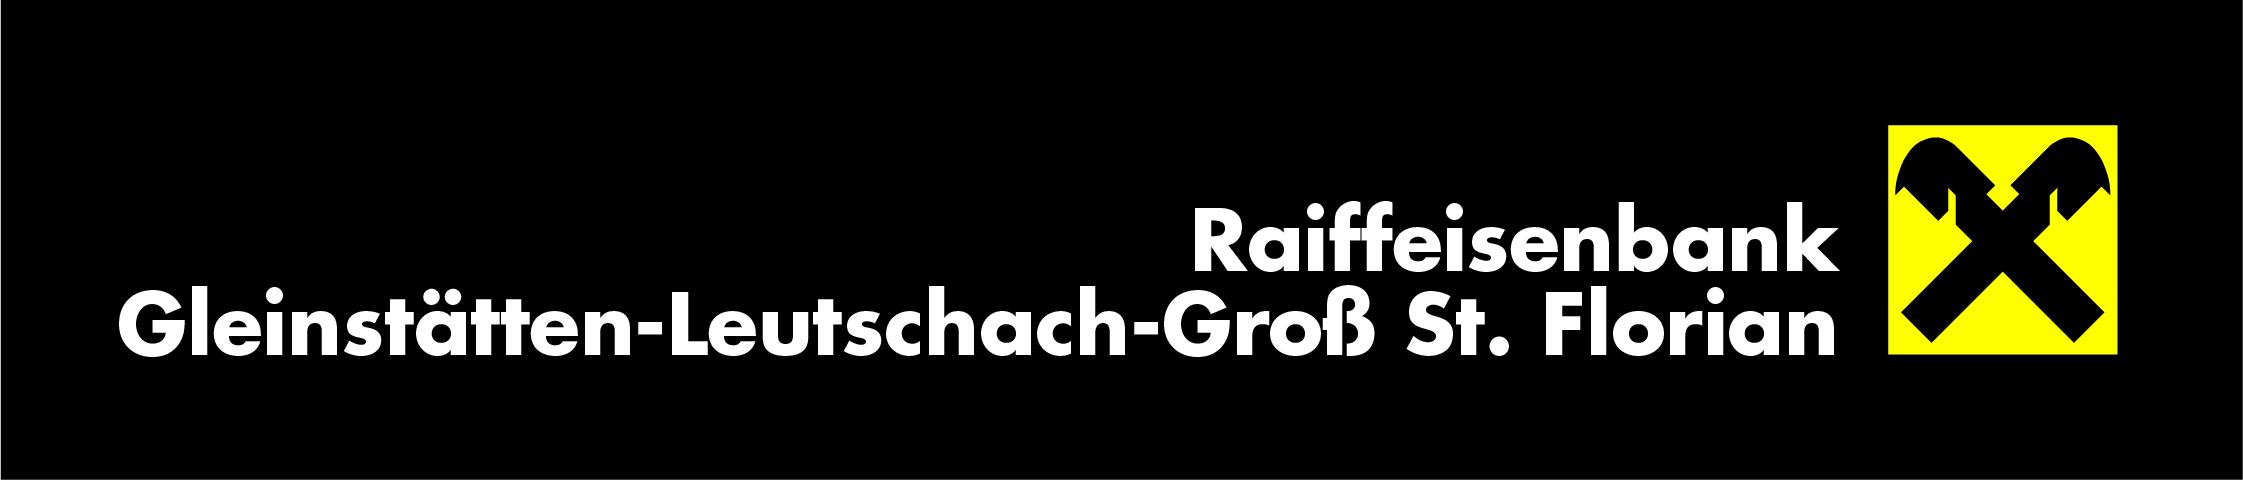 Raiffeisenbank Groß St. Florian-Wettmannstätten